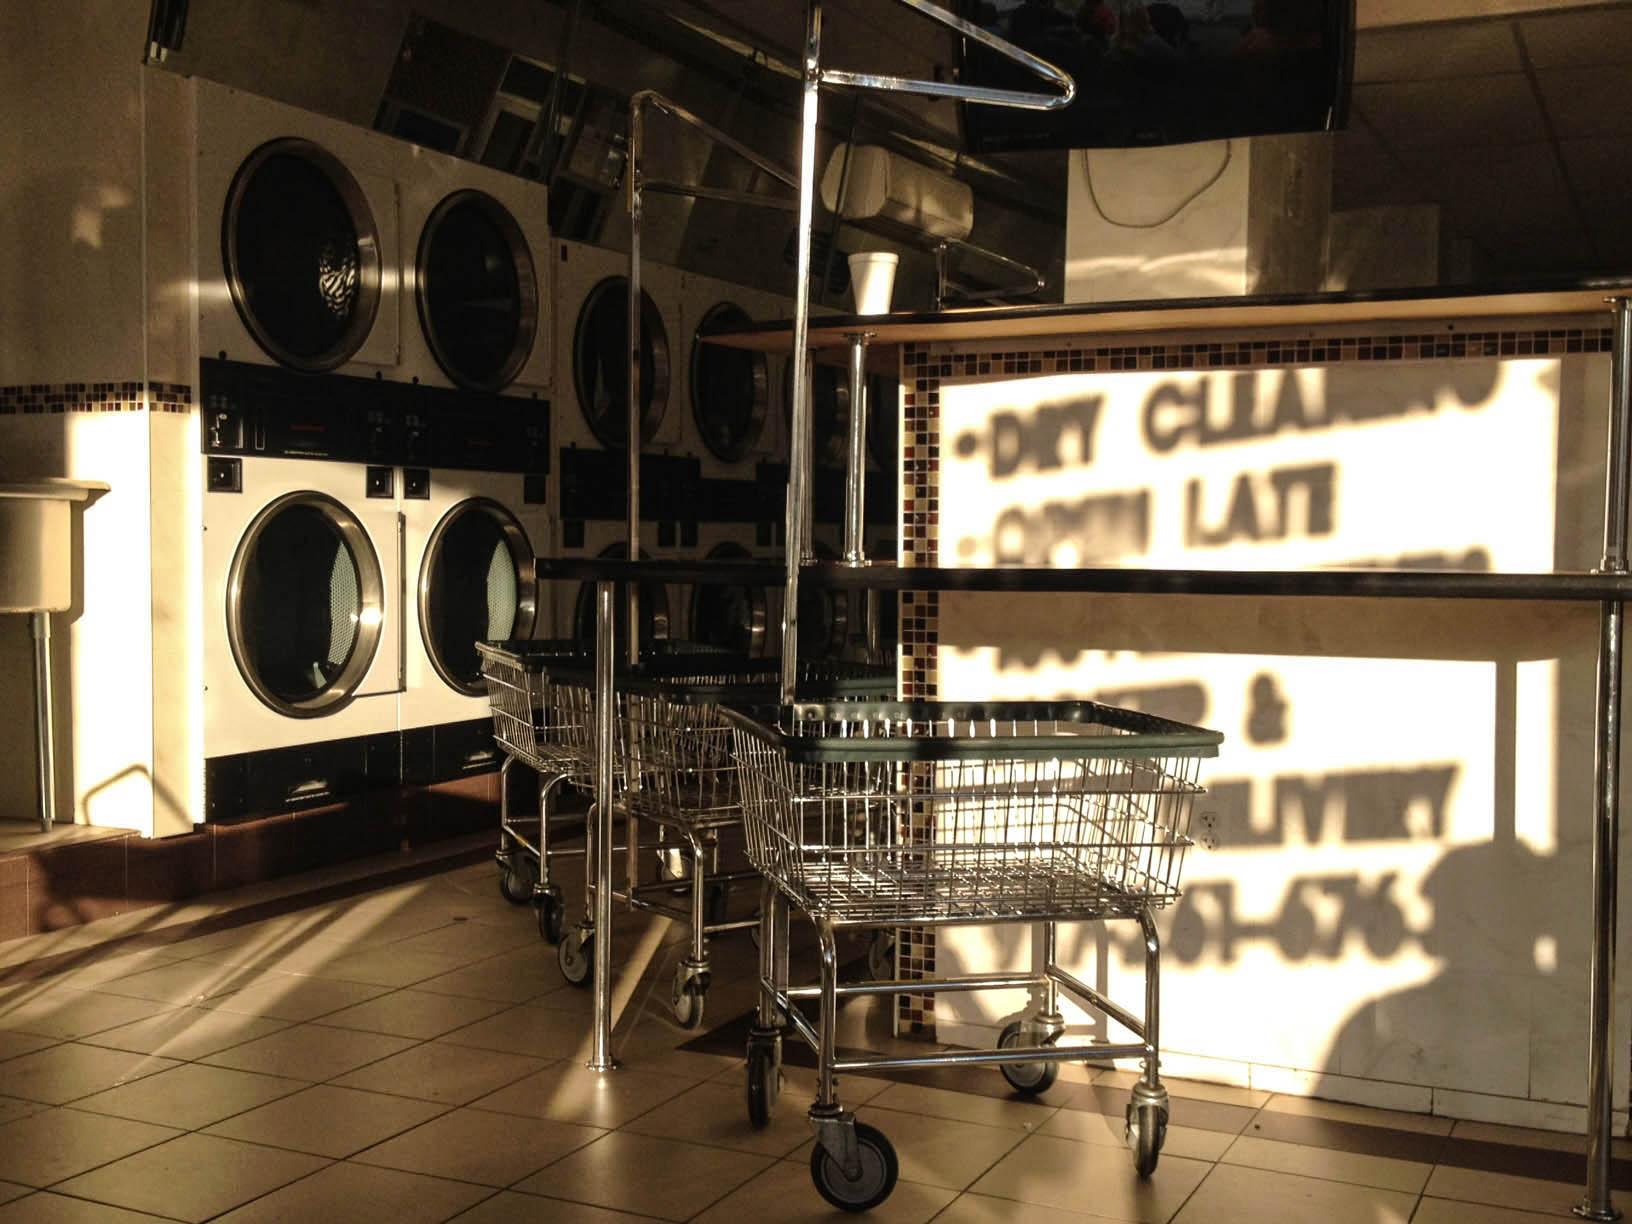 Laundromatjpg.jpg